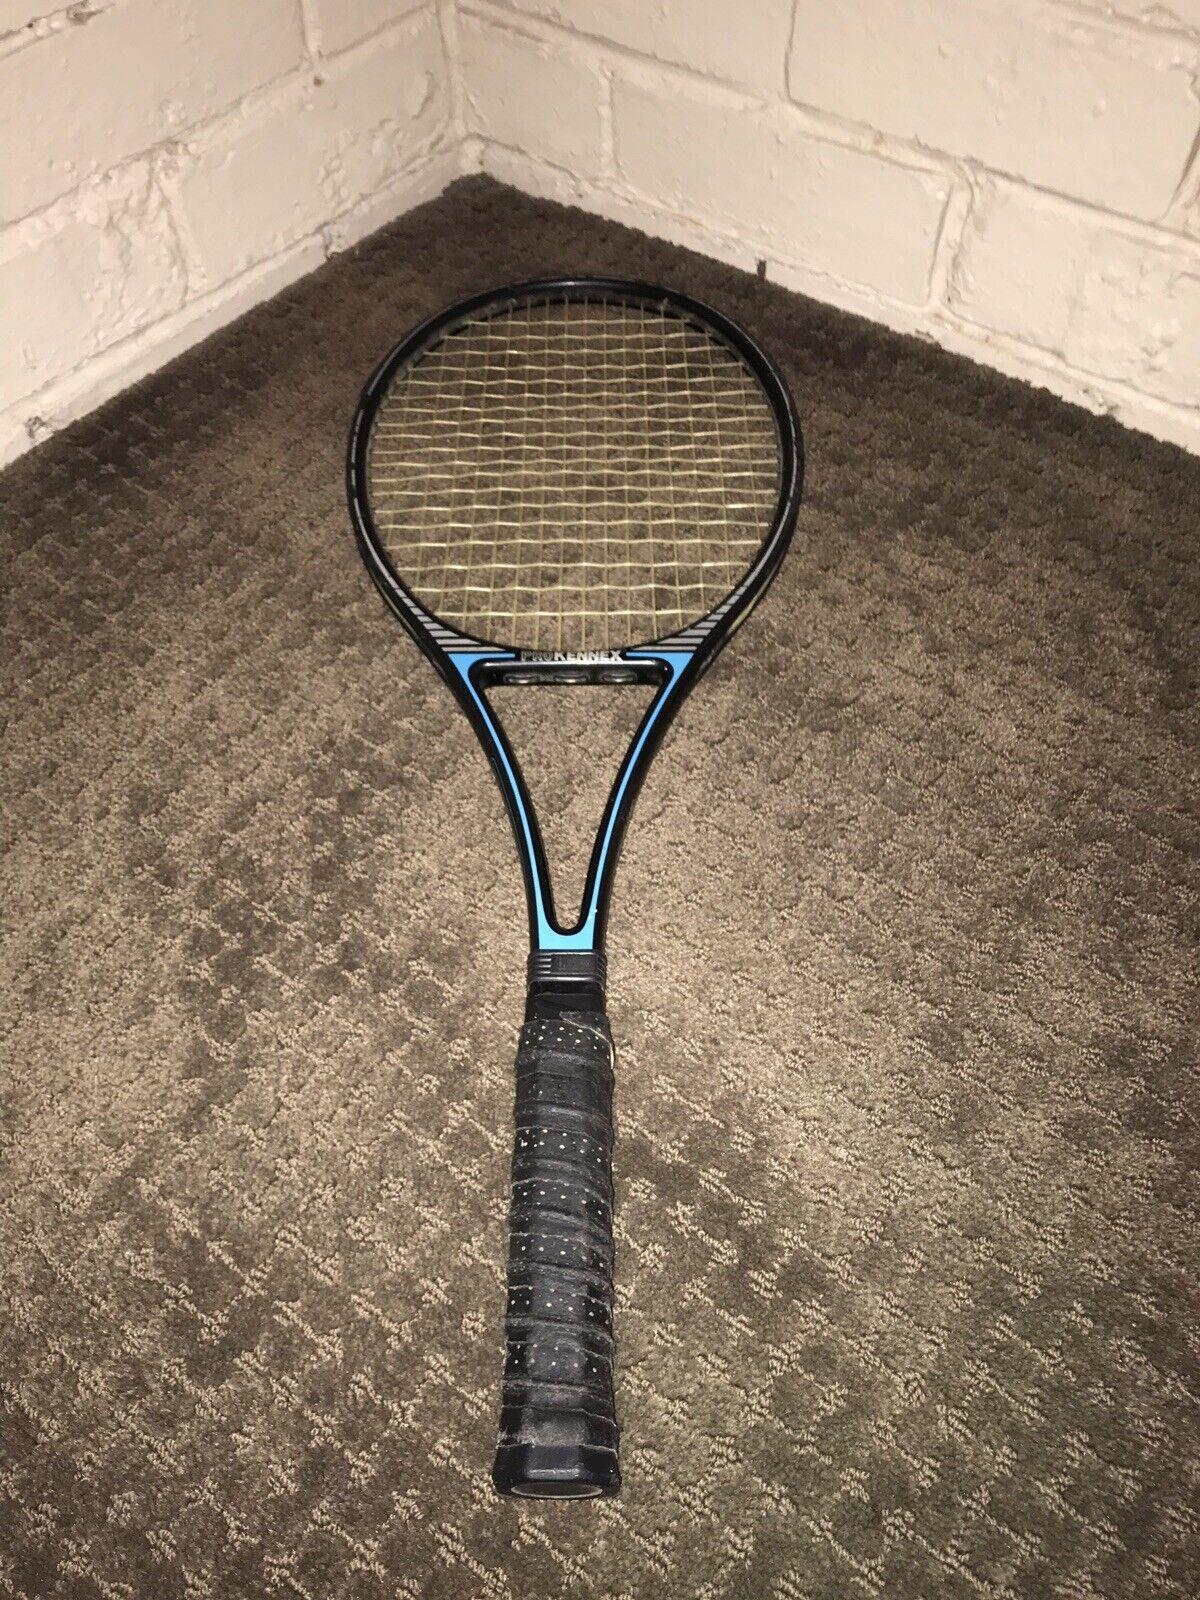 Pro Kennex ACE de Plata-raro palo de  Tenis En Buen Estado Original-Grip 3  ganancia cero